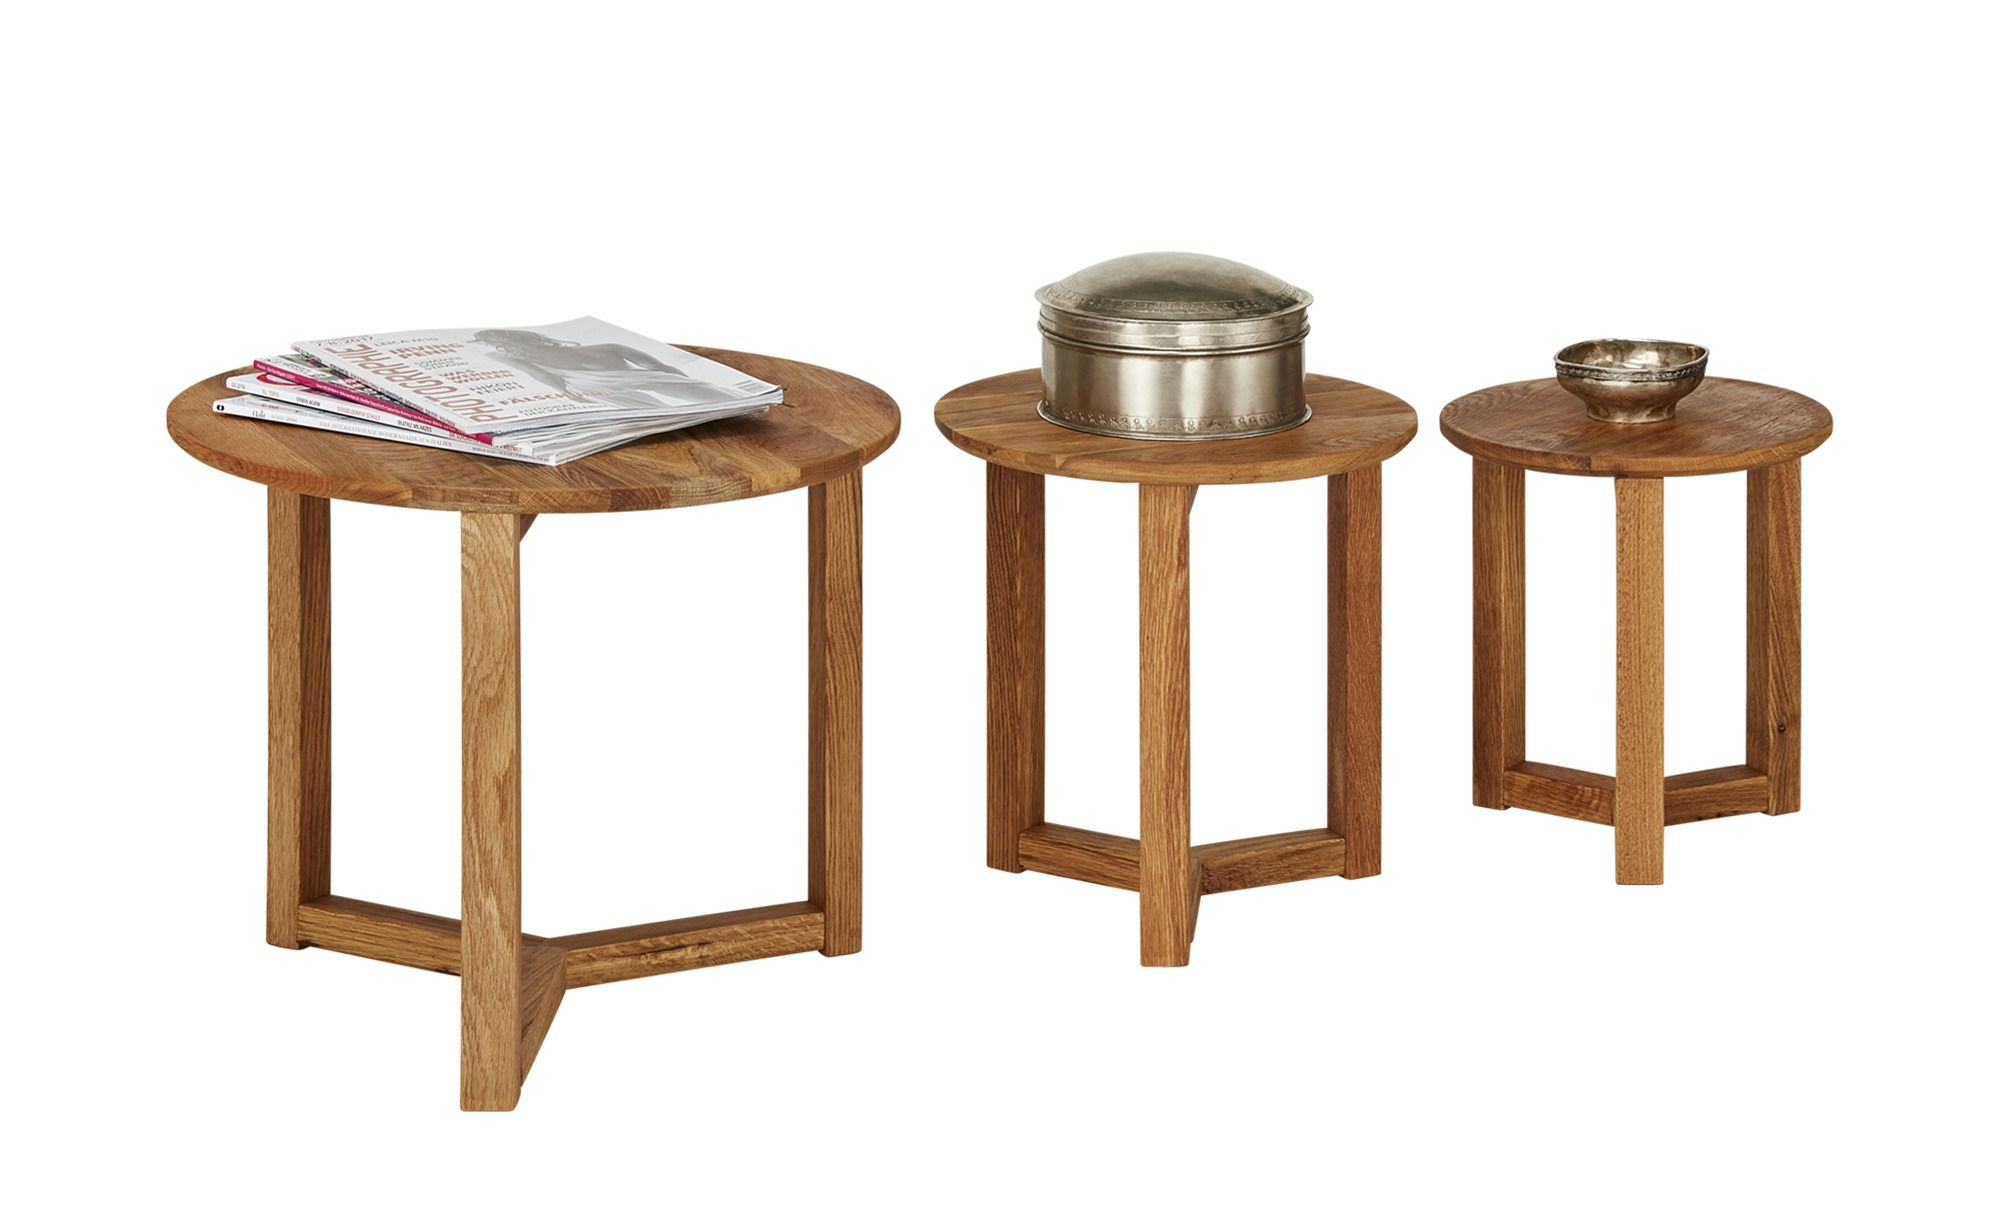 Couchtisch Maddalena Gefunden Bei Mobel Hoffner In 2020 Couchtisch Tisch Und Beistelltische